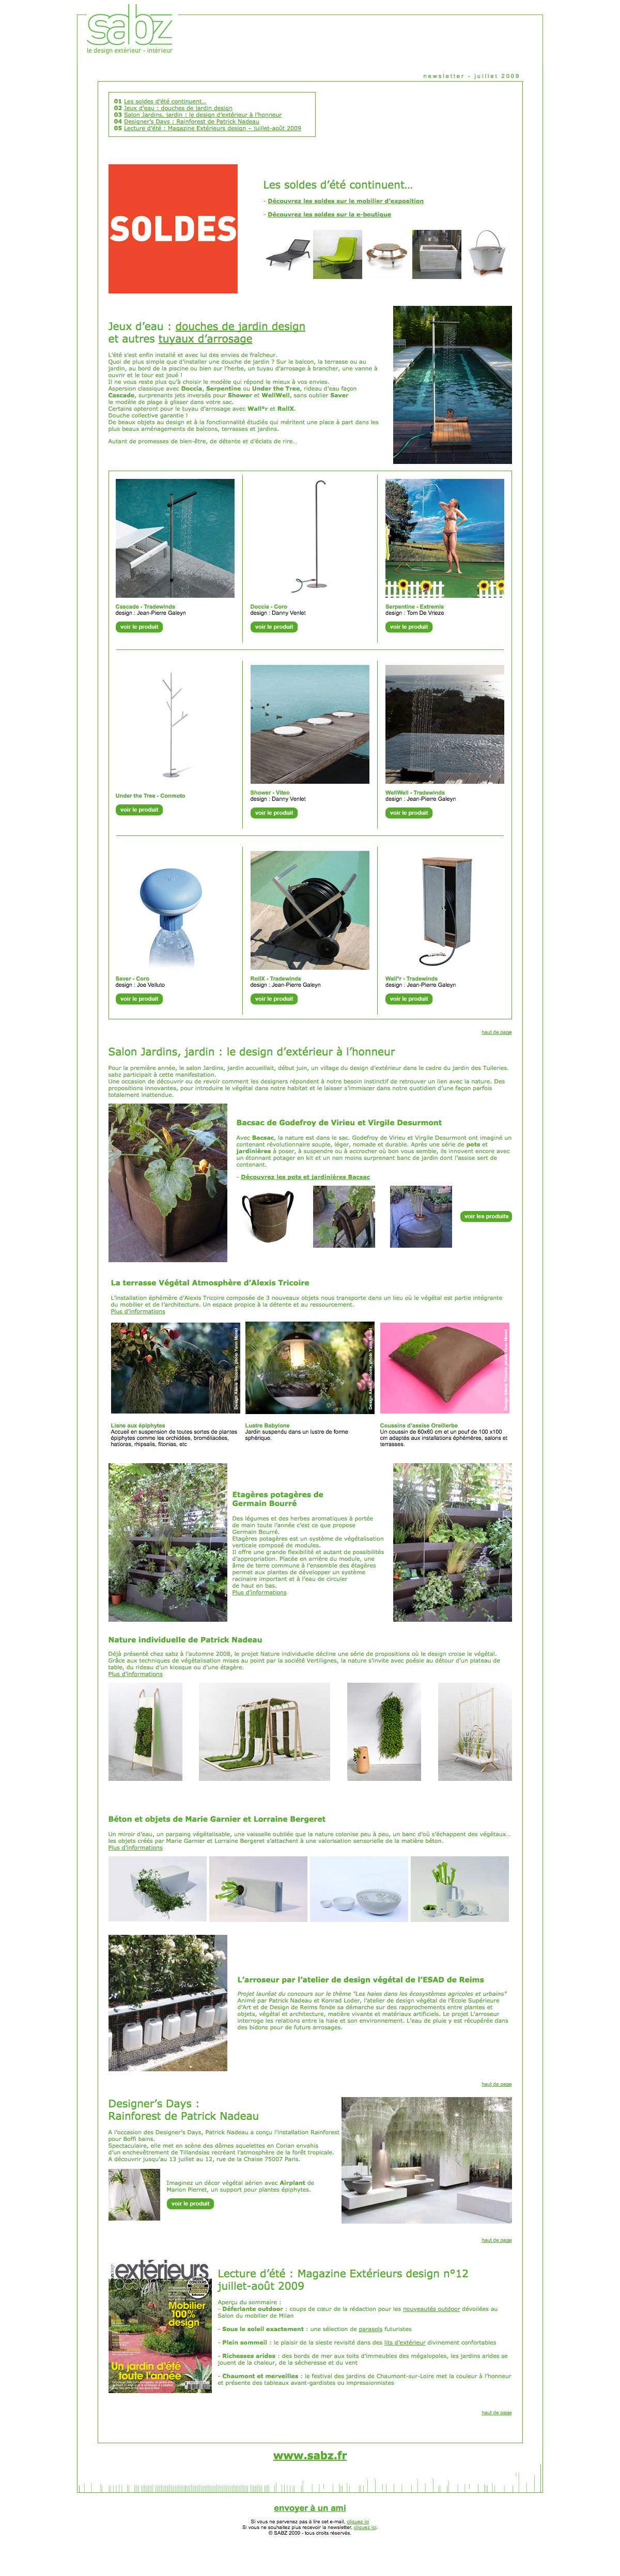 Festival Des Jardins Chaumont Sur Loire 2009 sabz newsletters | portfolio sophie granger